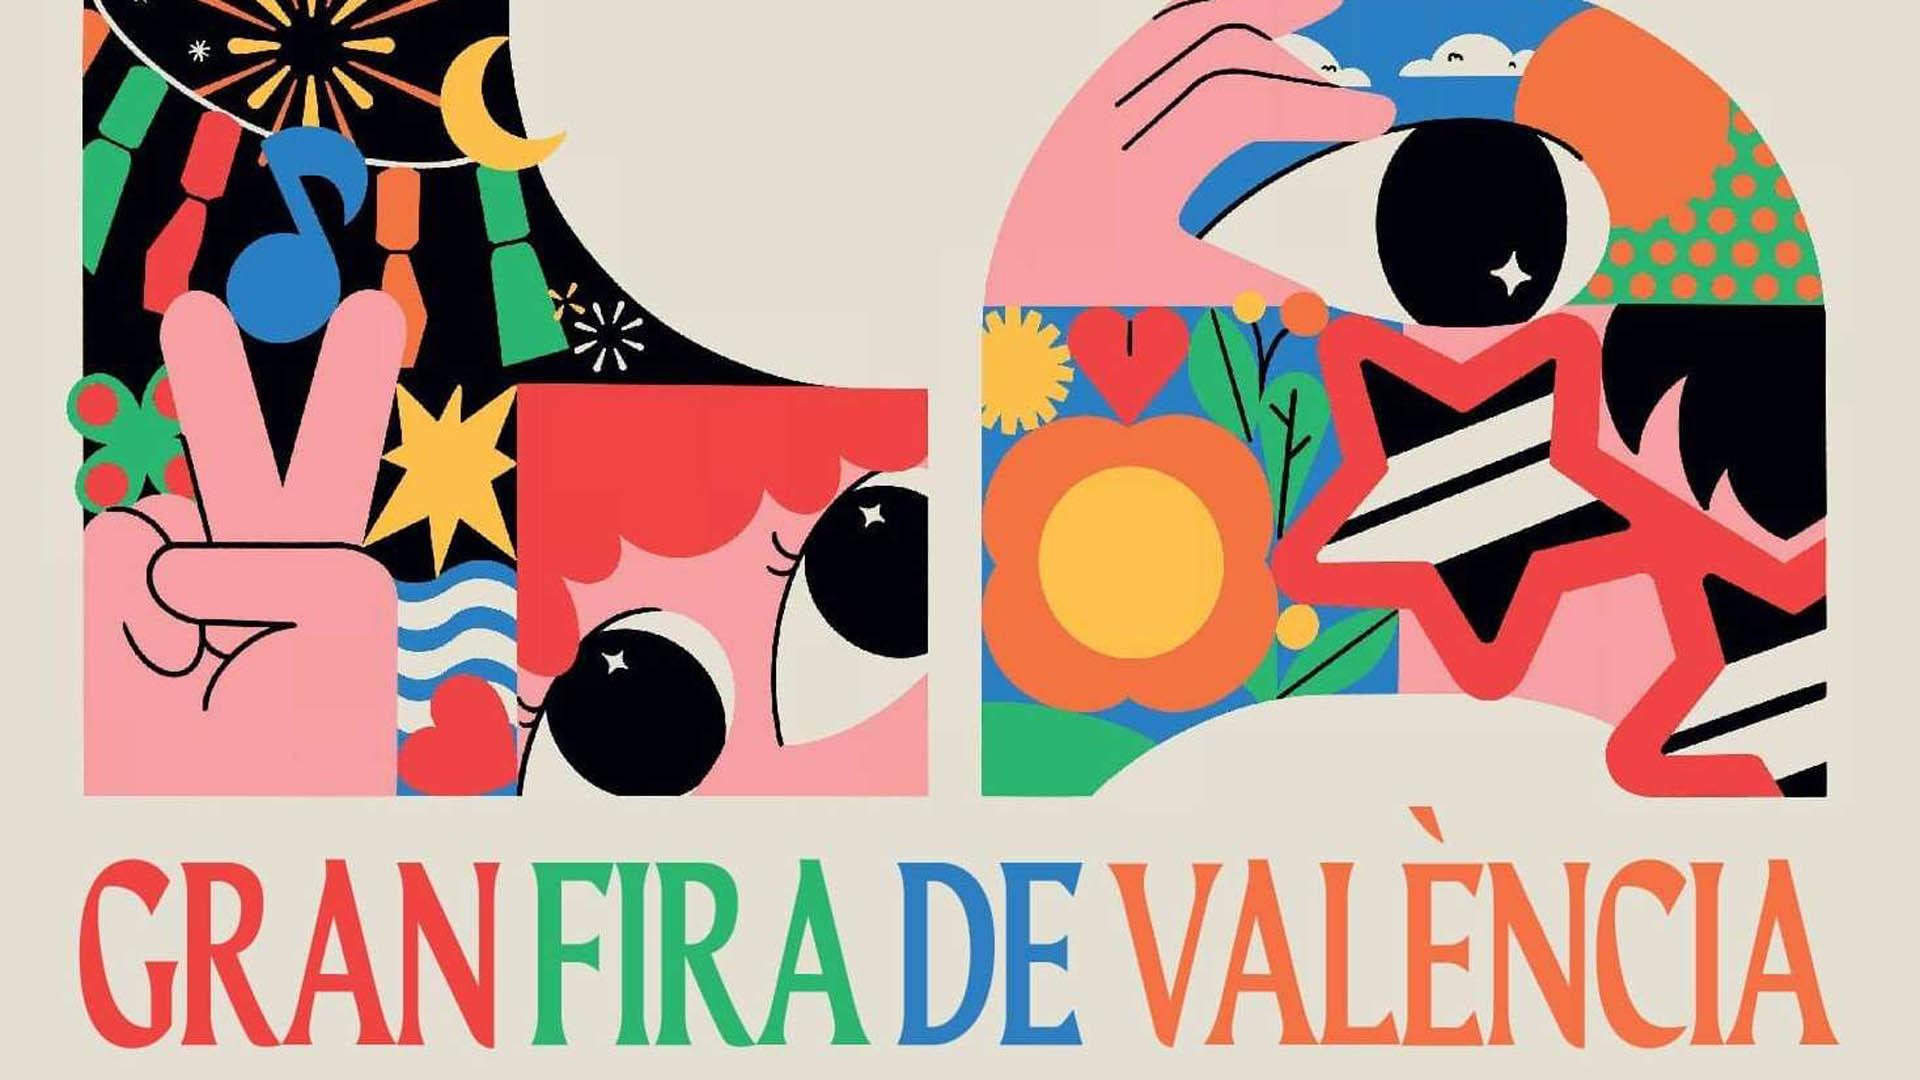 Conciertos Gran Fira de València